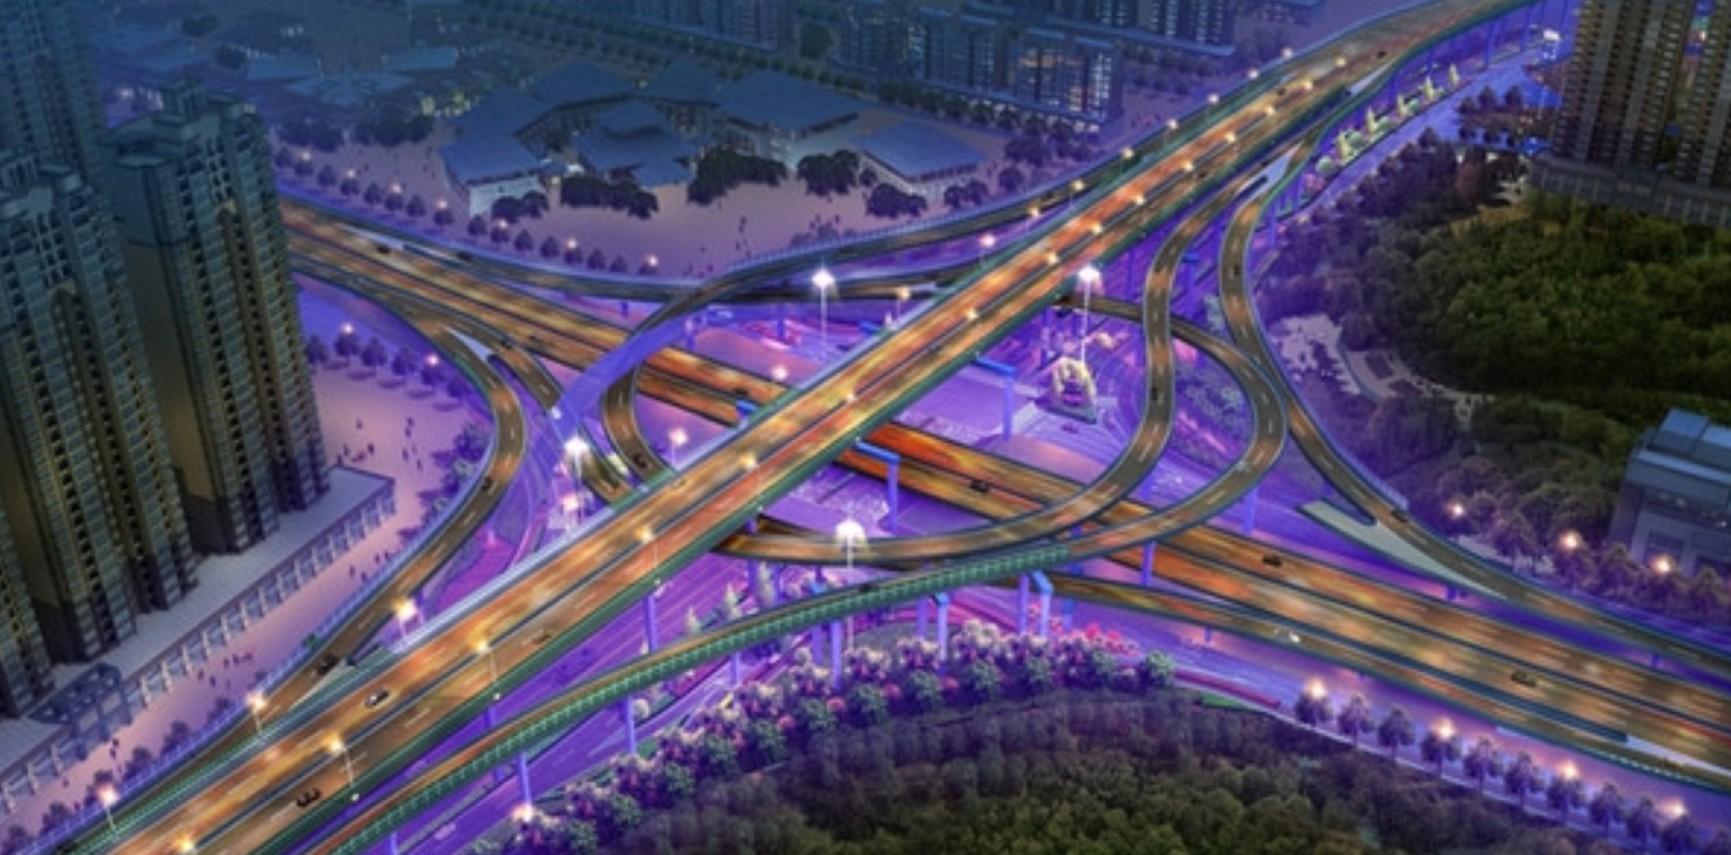 长沙市万家丽快速化改造工程全过程造价咨询服务